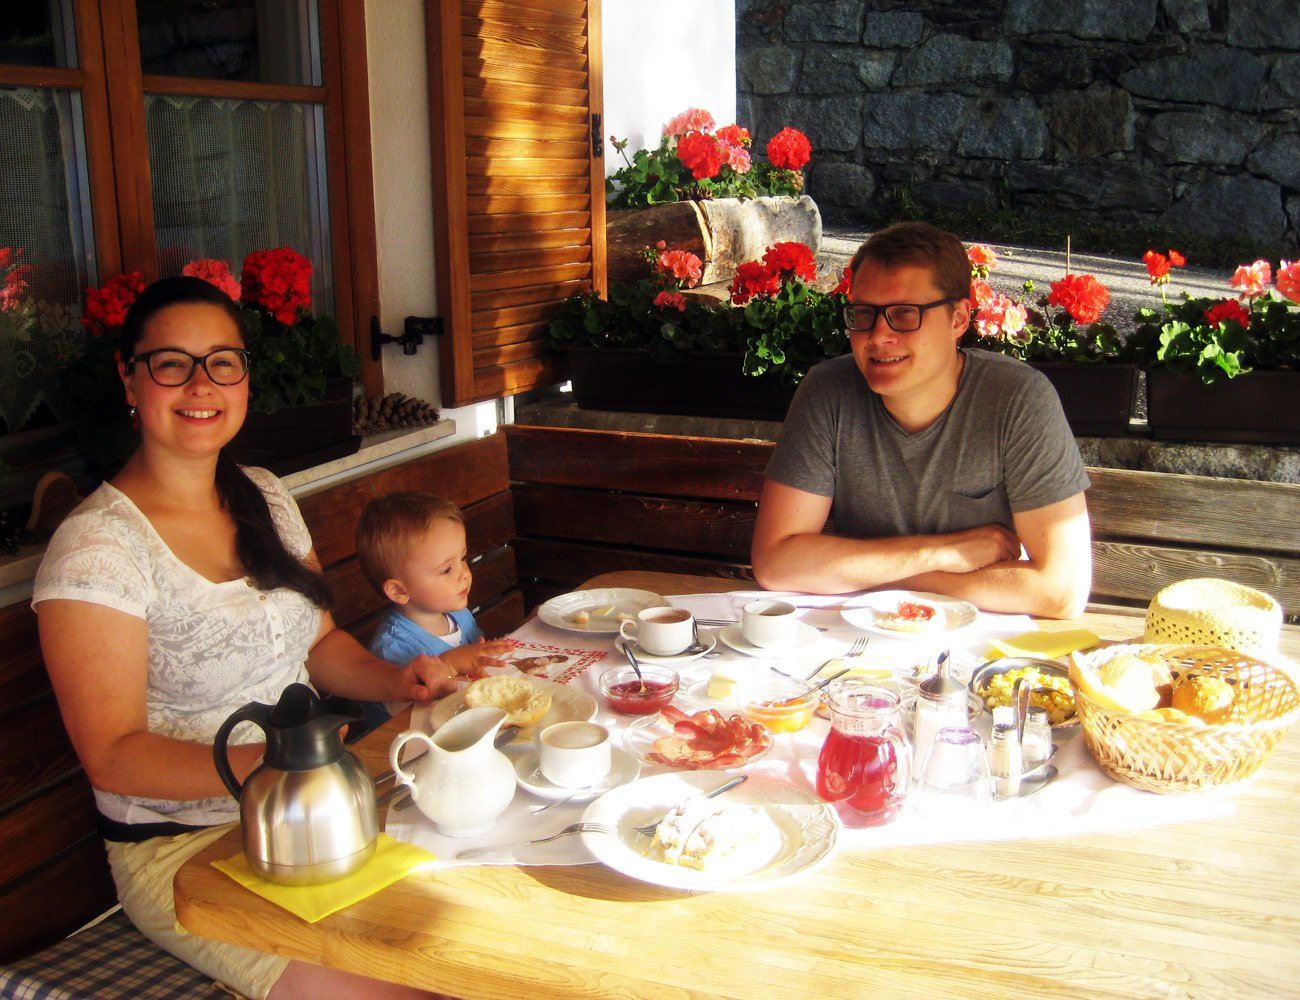 Unser herzhaftes Bauernfrühstück in der Stube